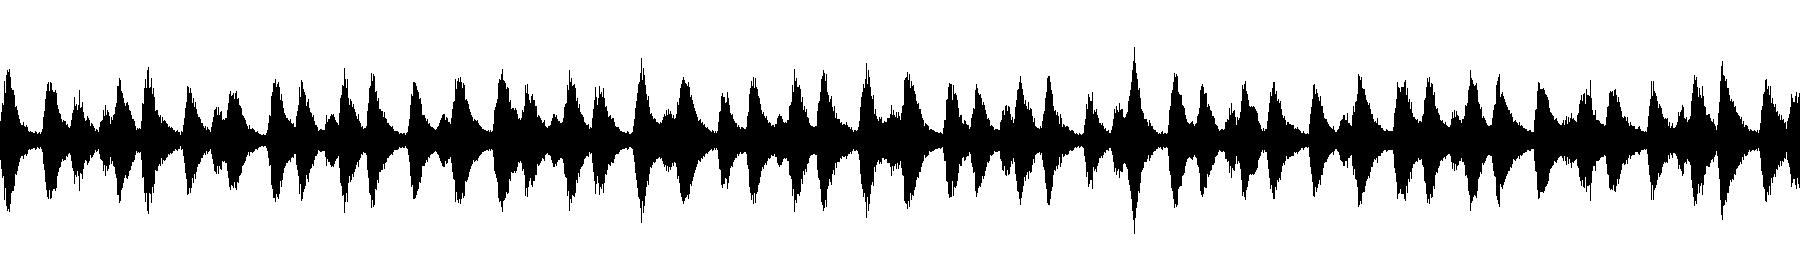 melody 25bpm85keya